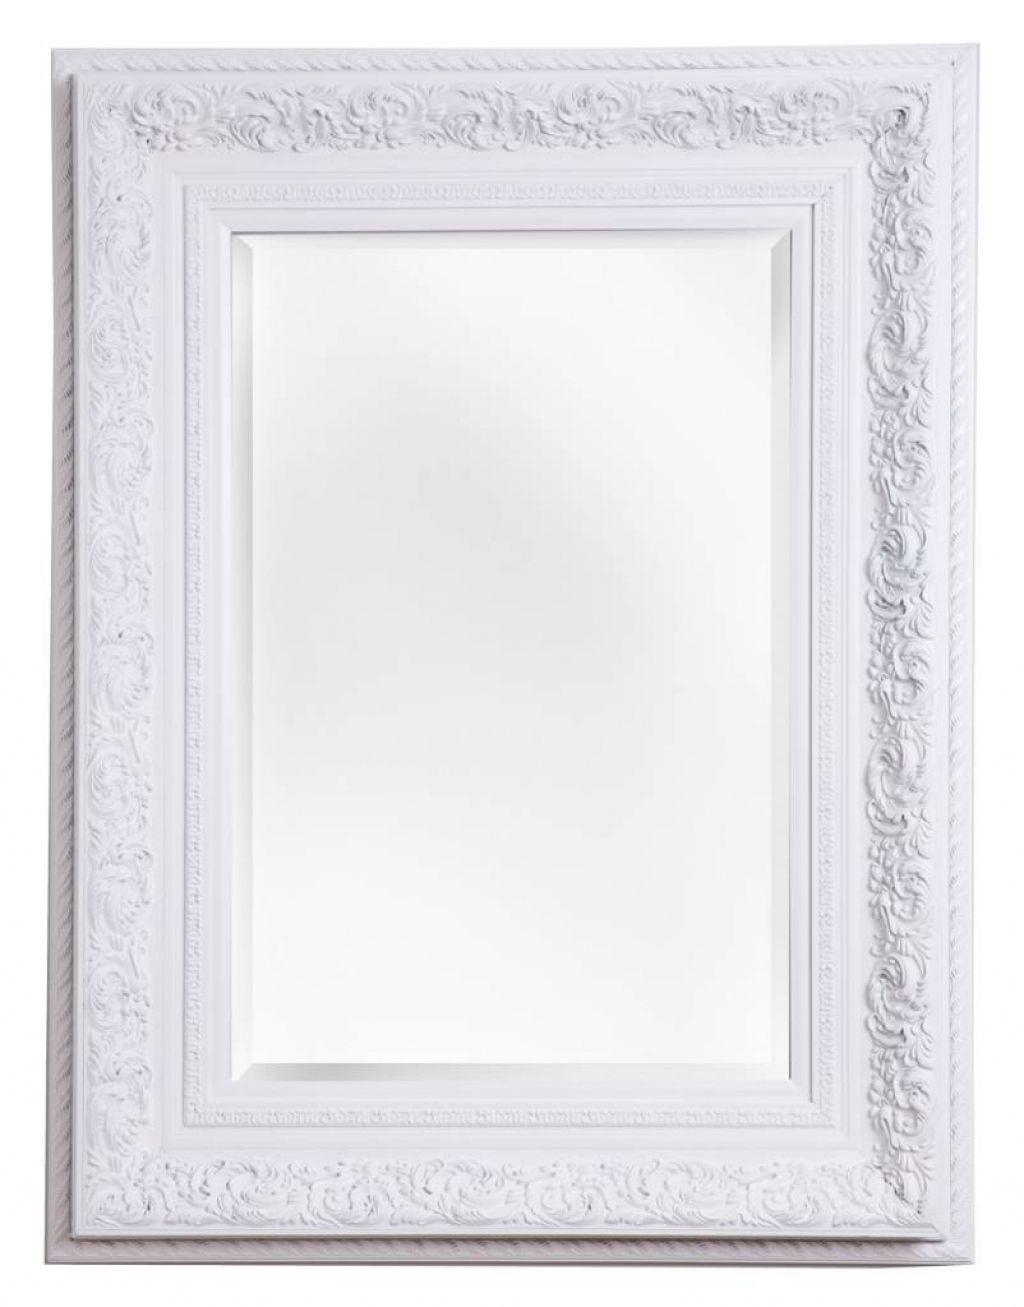 9 Unterhaltsam Galerie Von Wohnzimmer Spiegel Mit Rahmen